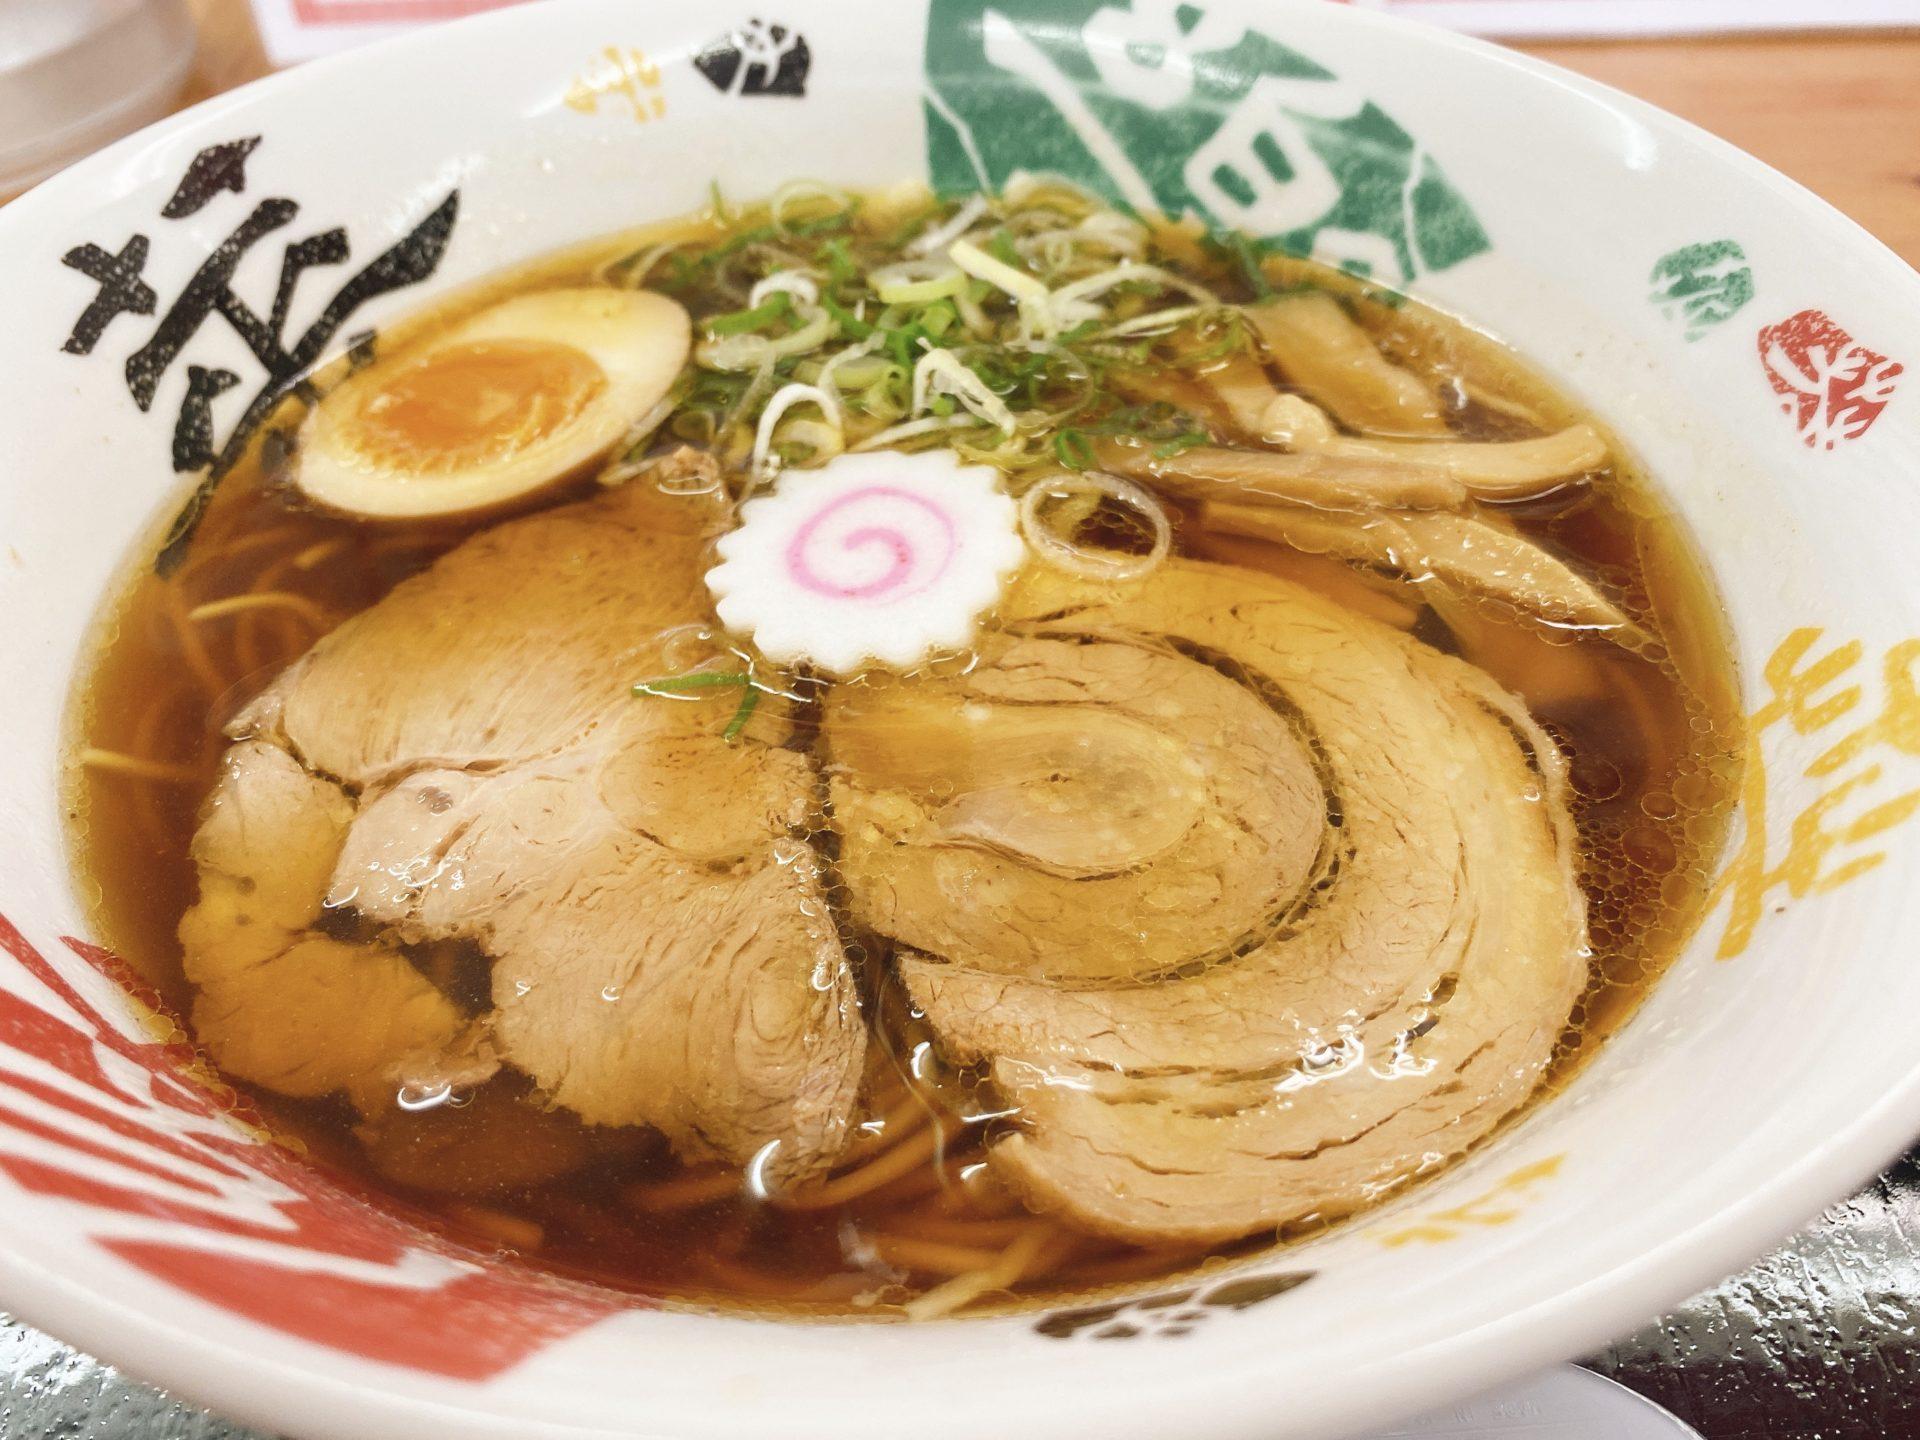 岡山市北区 金川駅降りてすぐ【そば作】初訪問!期待していたラーメンの豚骨がメニューから消えて醤油と塩だけに!それでも美味い!